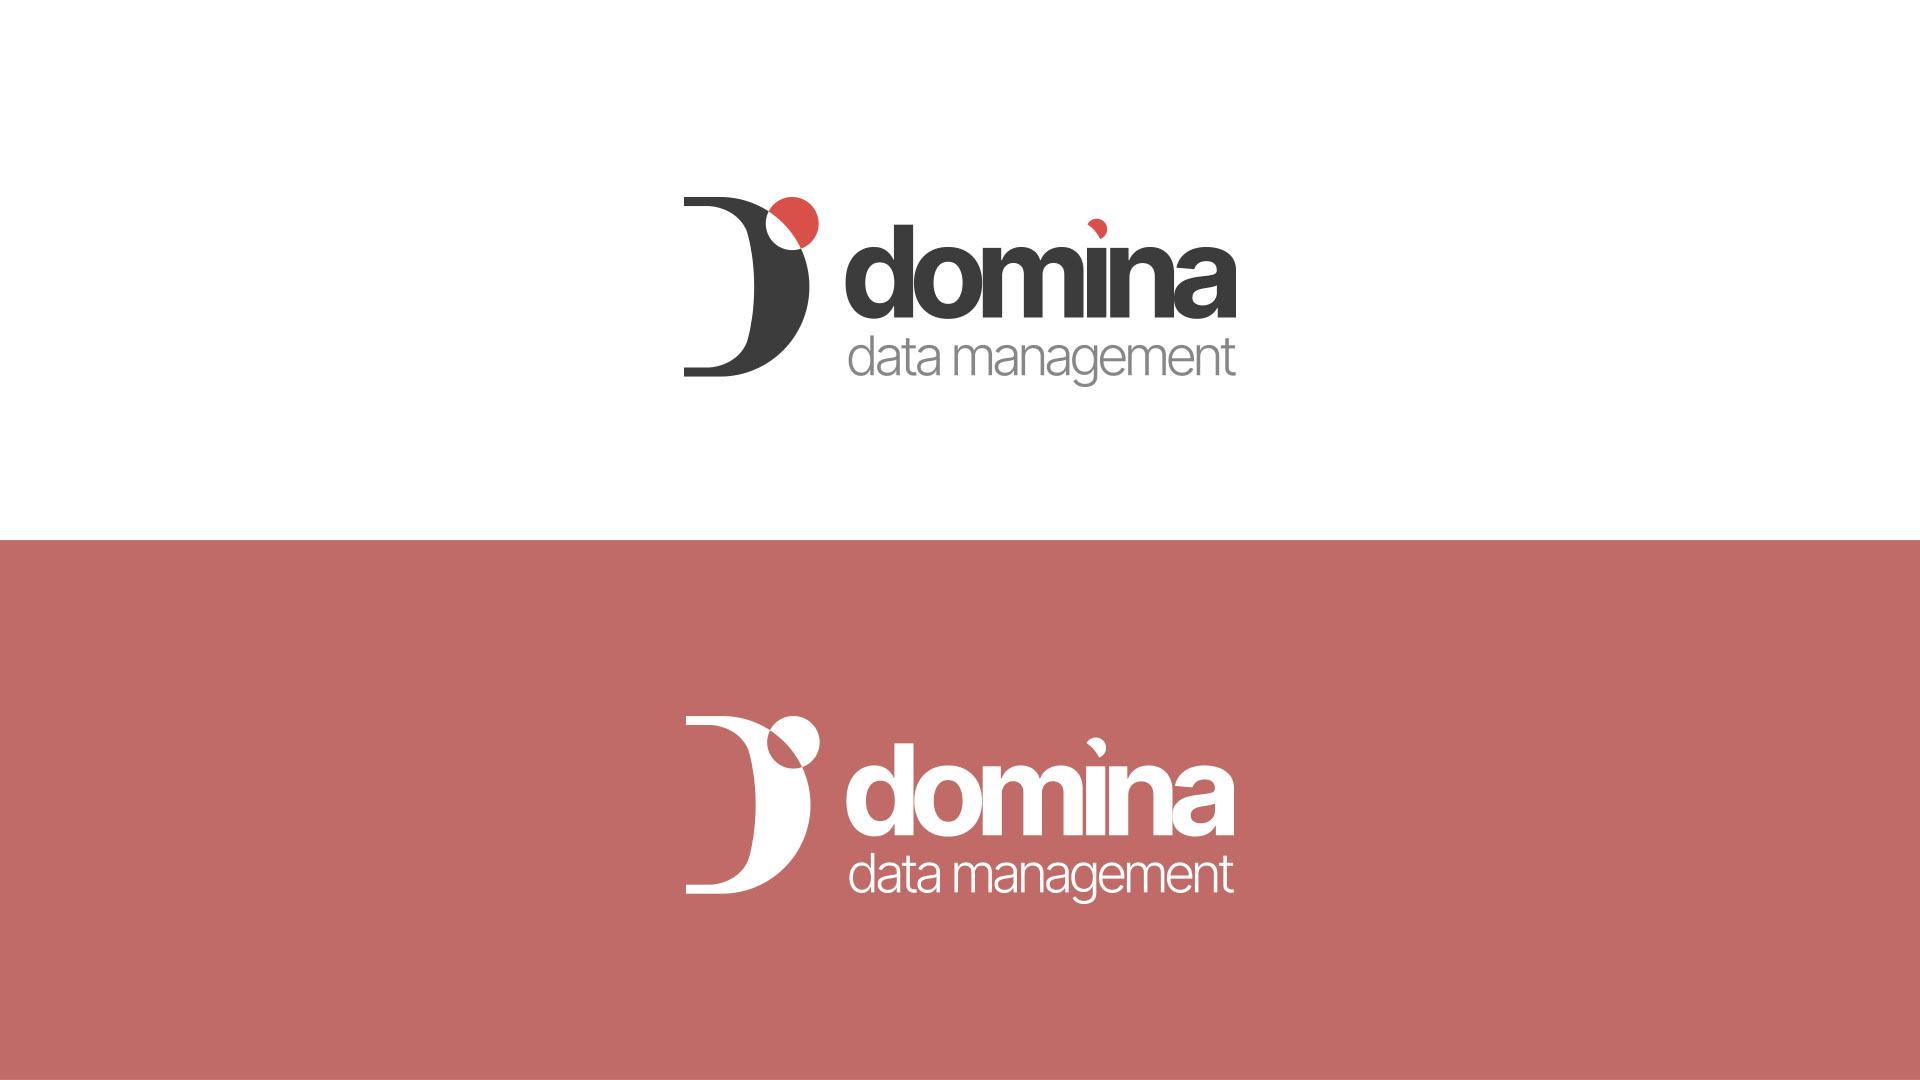 Versione in positivo ed in negativo del nuovo logo